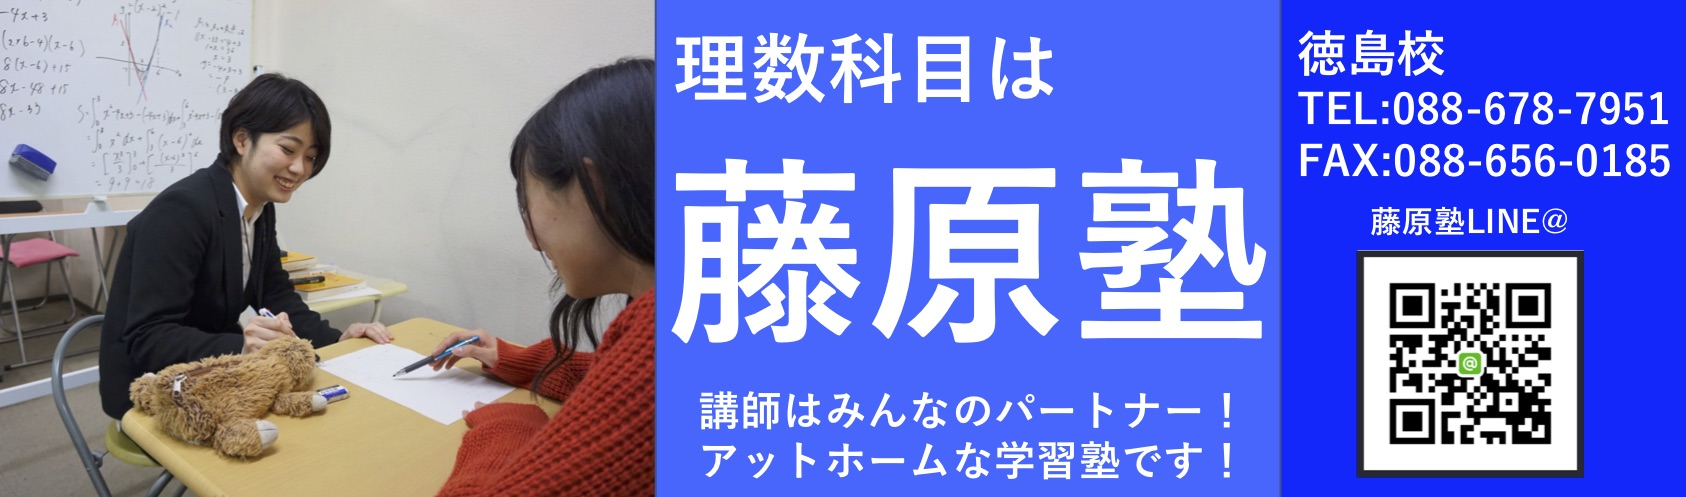 徳島で理科・数学・英語のことなら藤原塾!小学生・中学生・高校生まで対応!1対1の個別指導も行なっております。